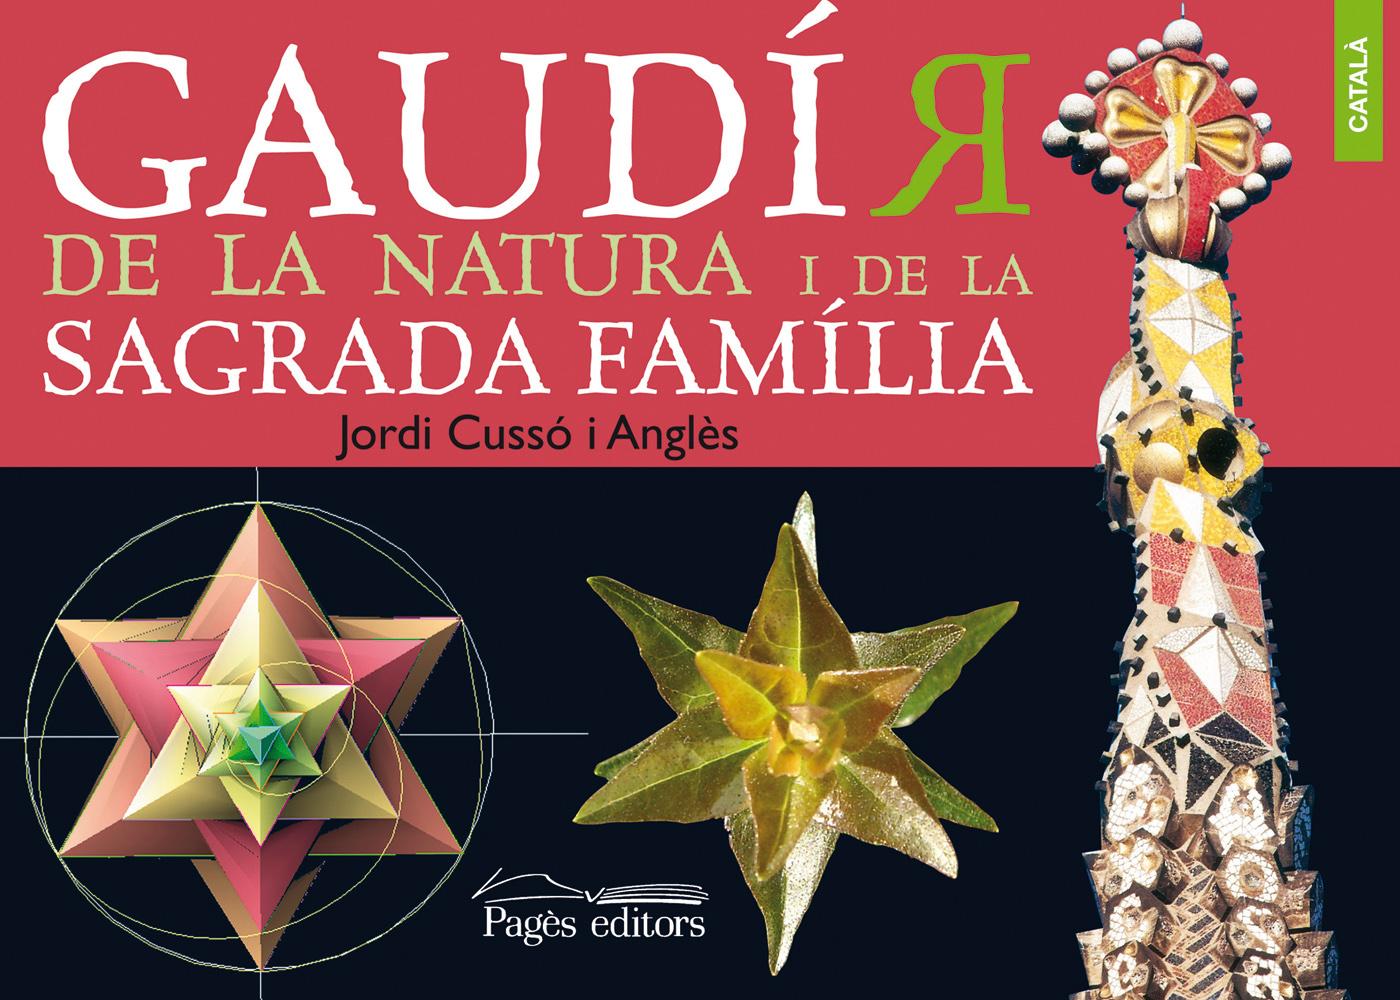 Gaudí(r) de la Natura i de la Sagrada Família